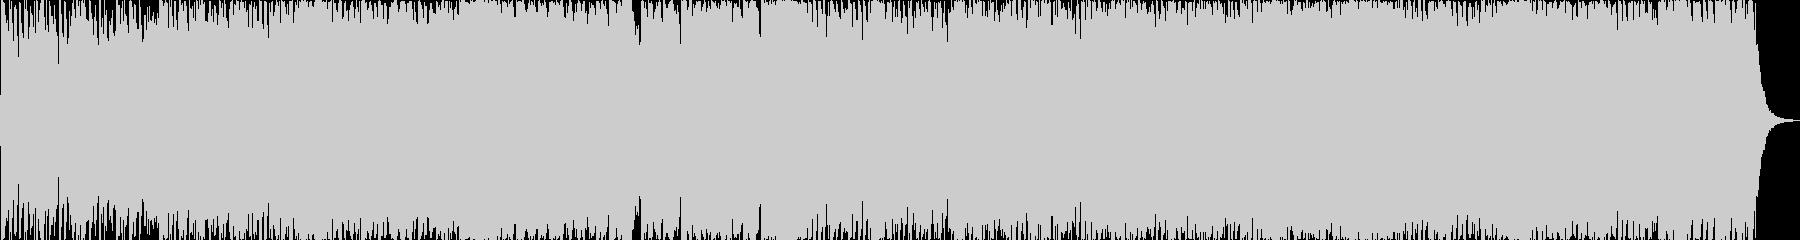 ダークファンタジーオーケストラ戦闘曲29の未再生の波形